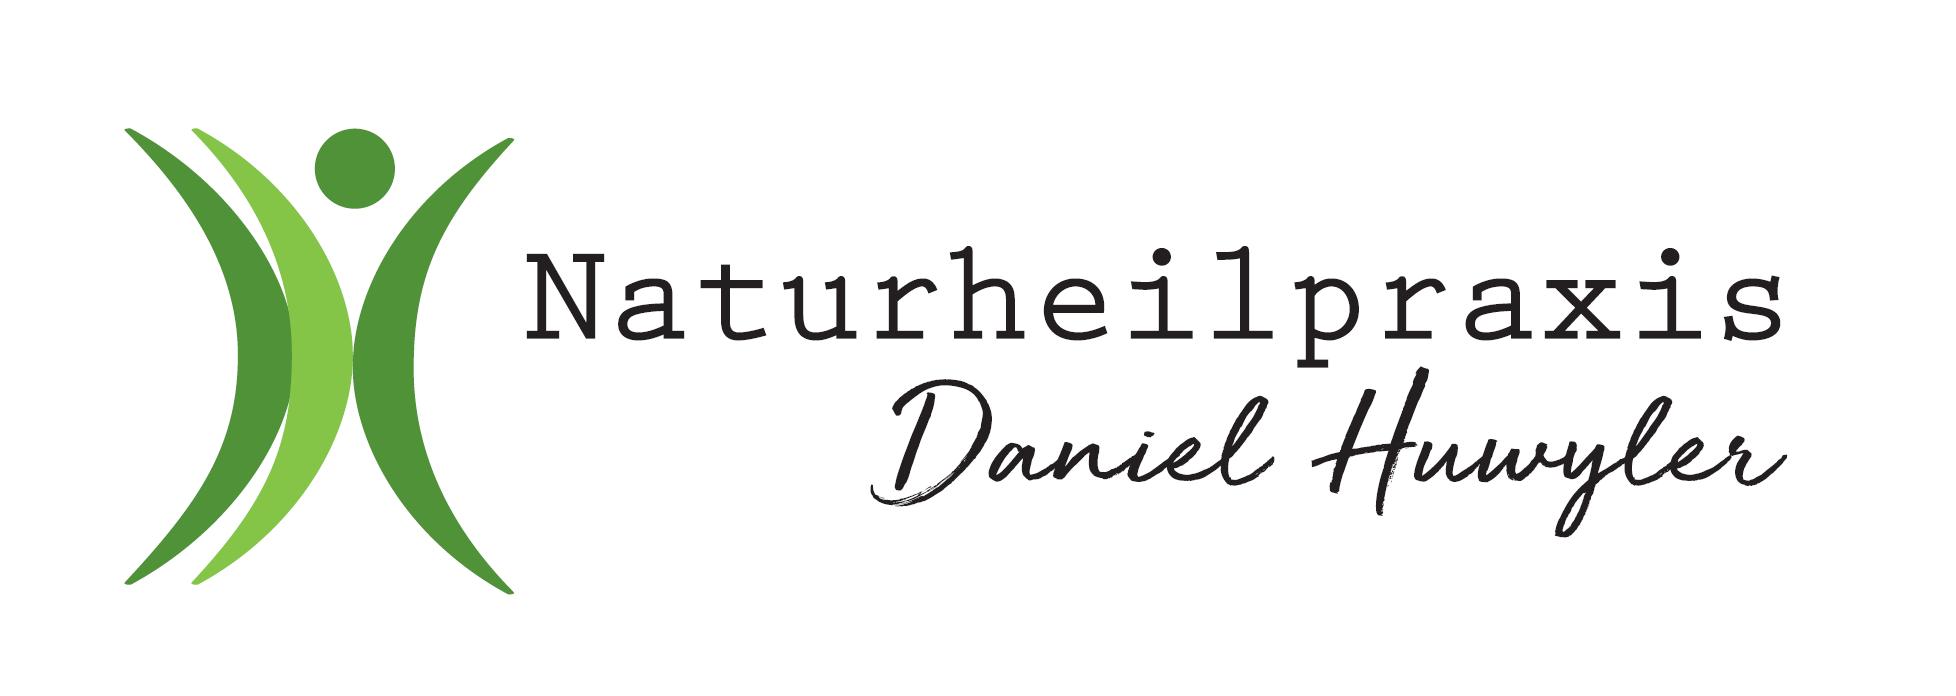 Naturheilpraxis Zürich Adliswil – Daniel Huwyler Logo